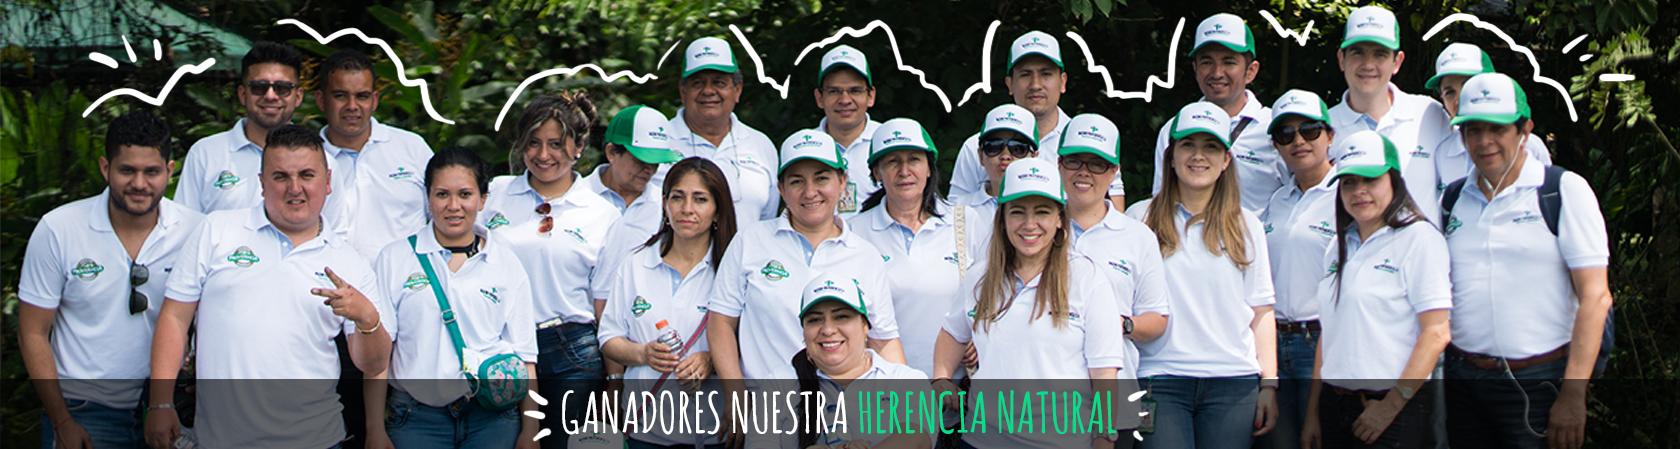 ing-providencia_ganadores-nuestra-herencia-natural_2018_en